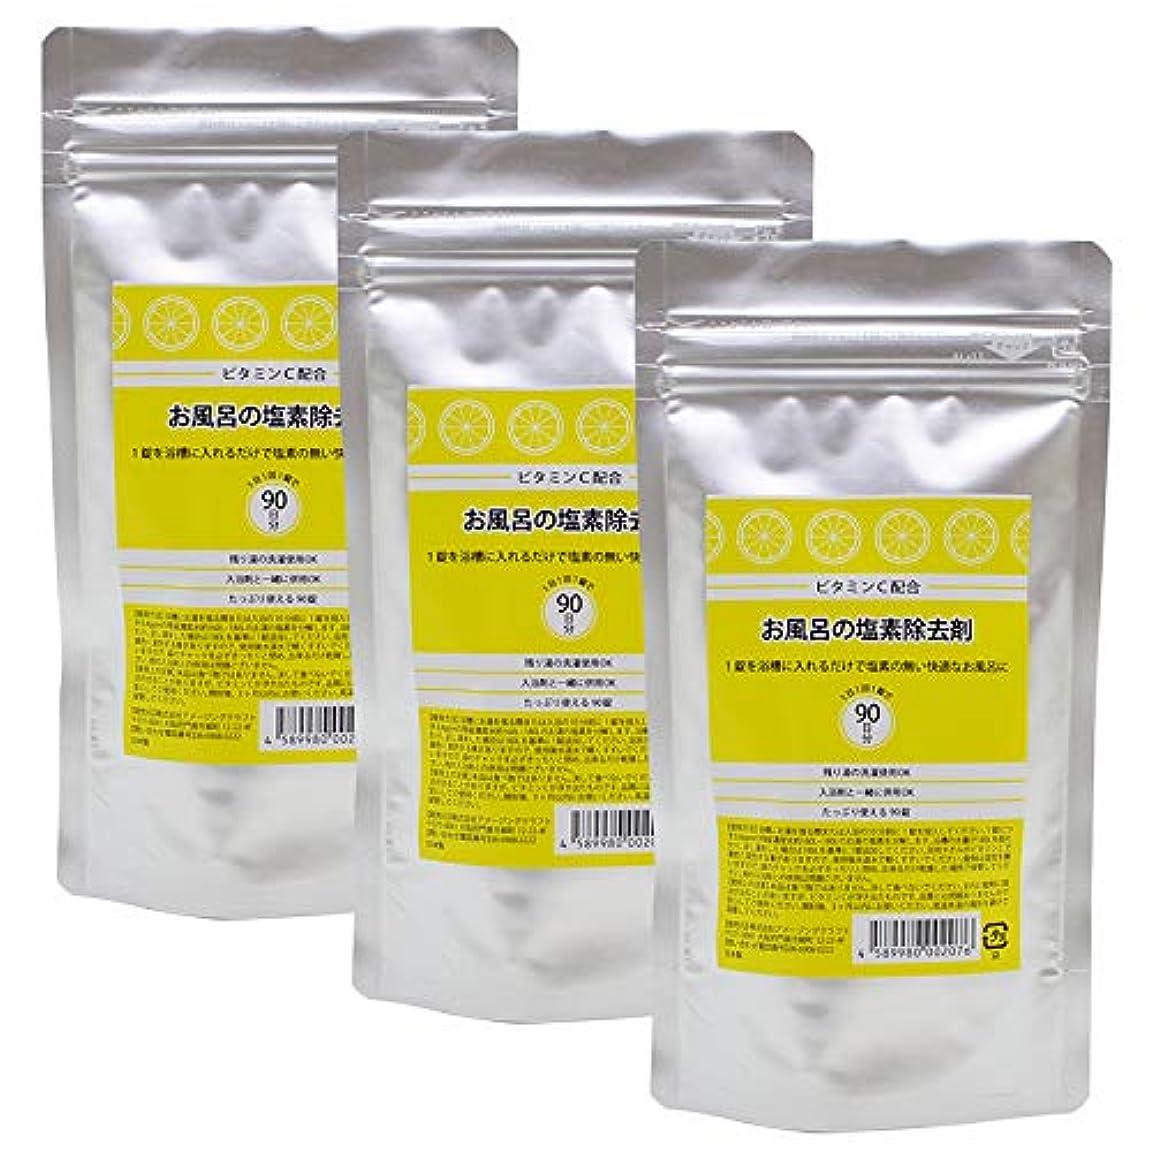 リングバイオリニスト不格好ビタミンC配合 お風呂の塩素除去剤 錠剤タイプ 90錠 3個セット 浴槽用脱塩素剤